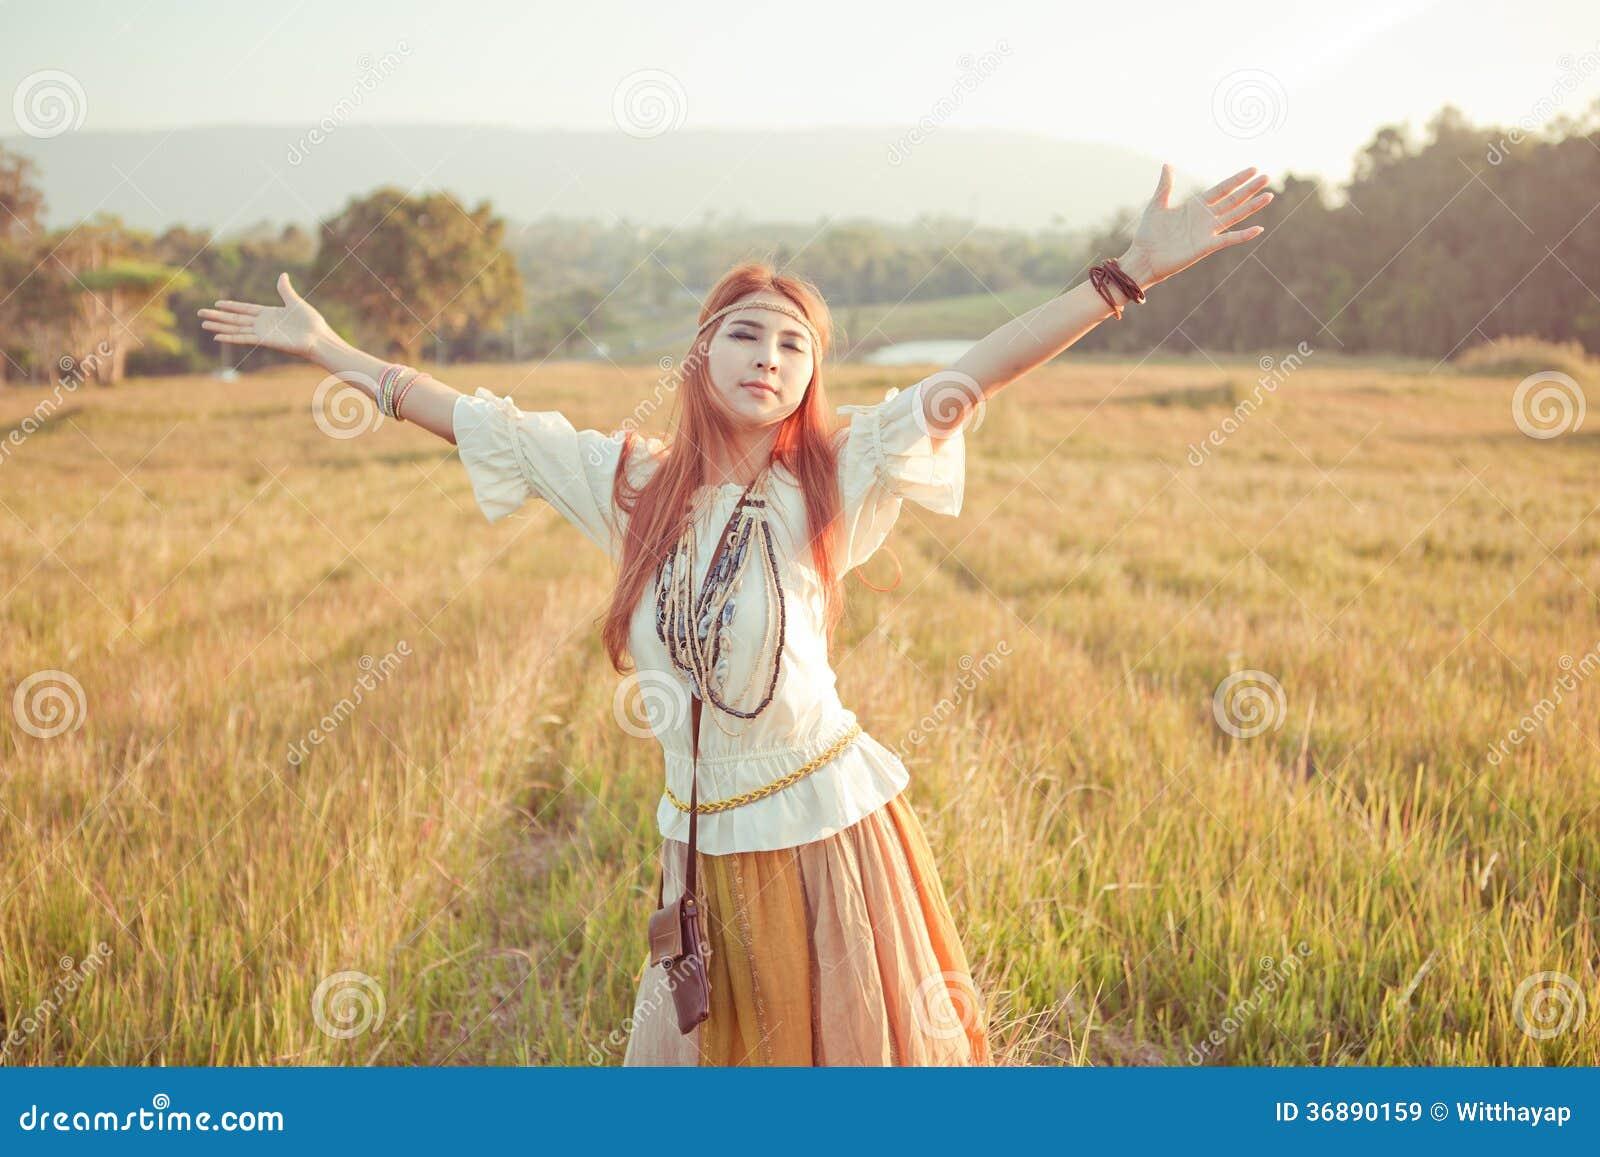 Download Donna con le armi stese immagine stock. Immagine di esterno - 36890159